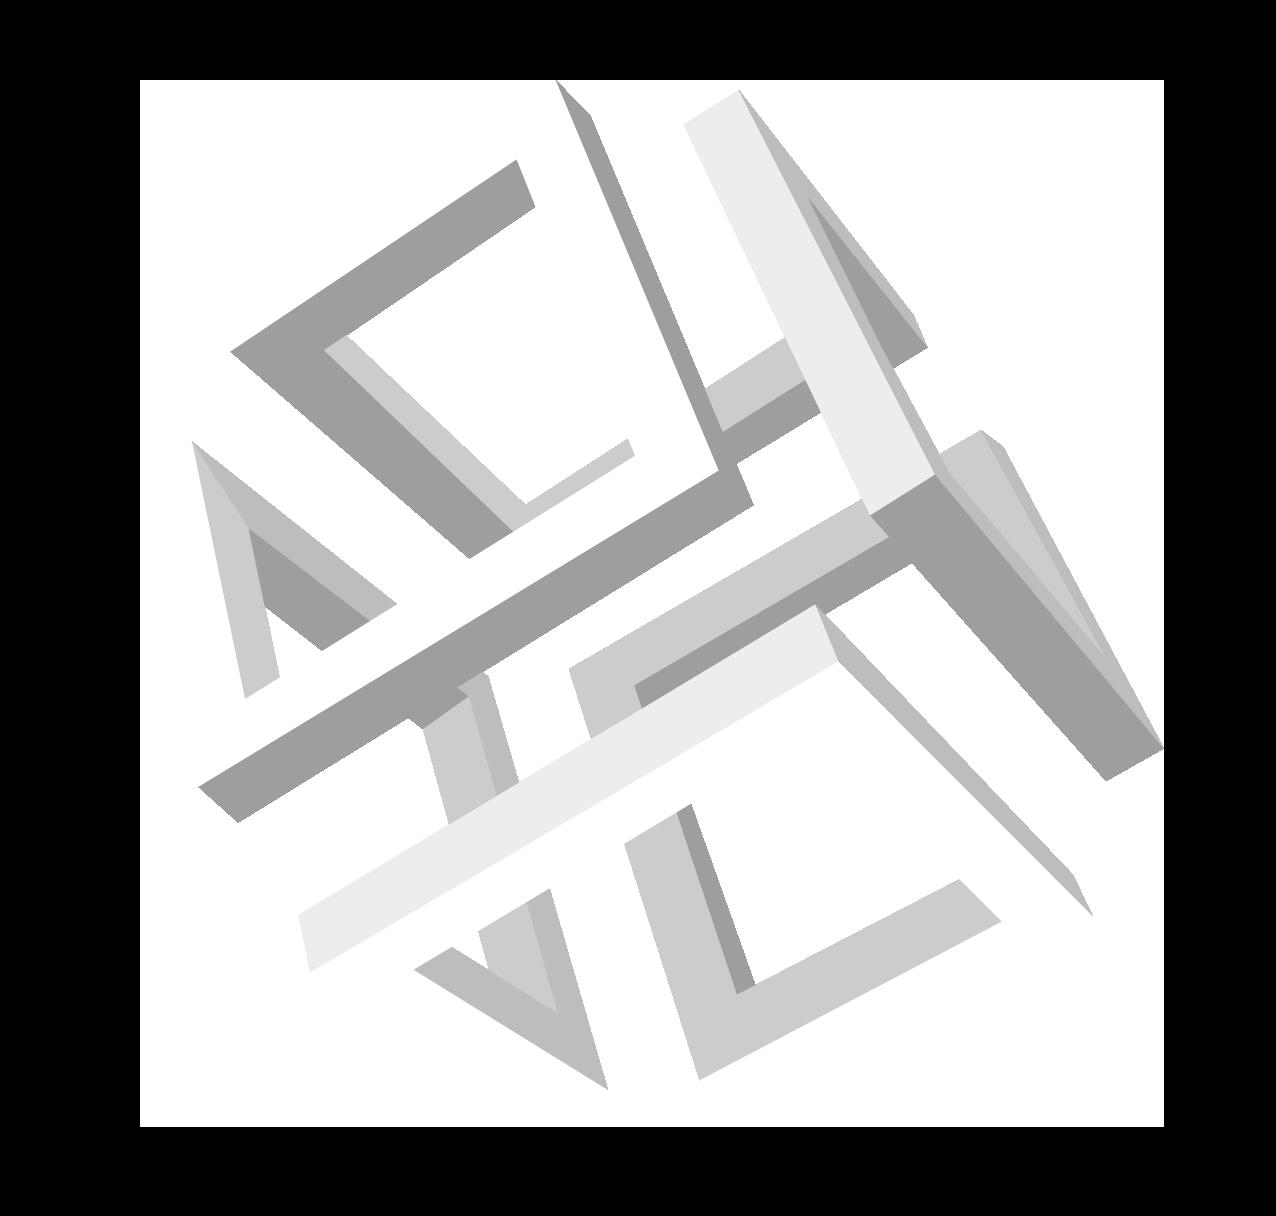 le logo ODM en blanc